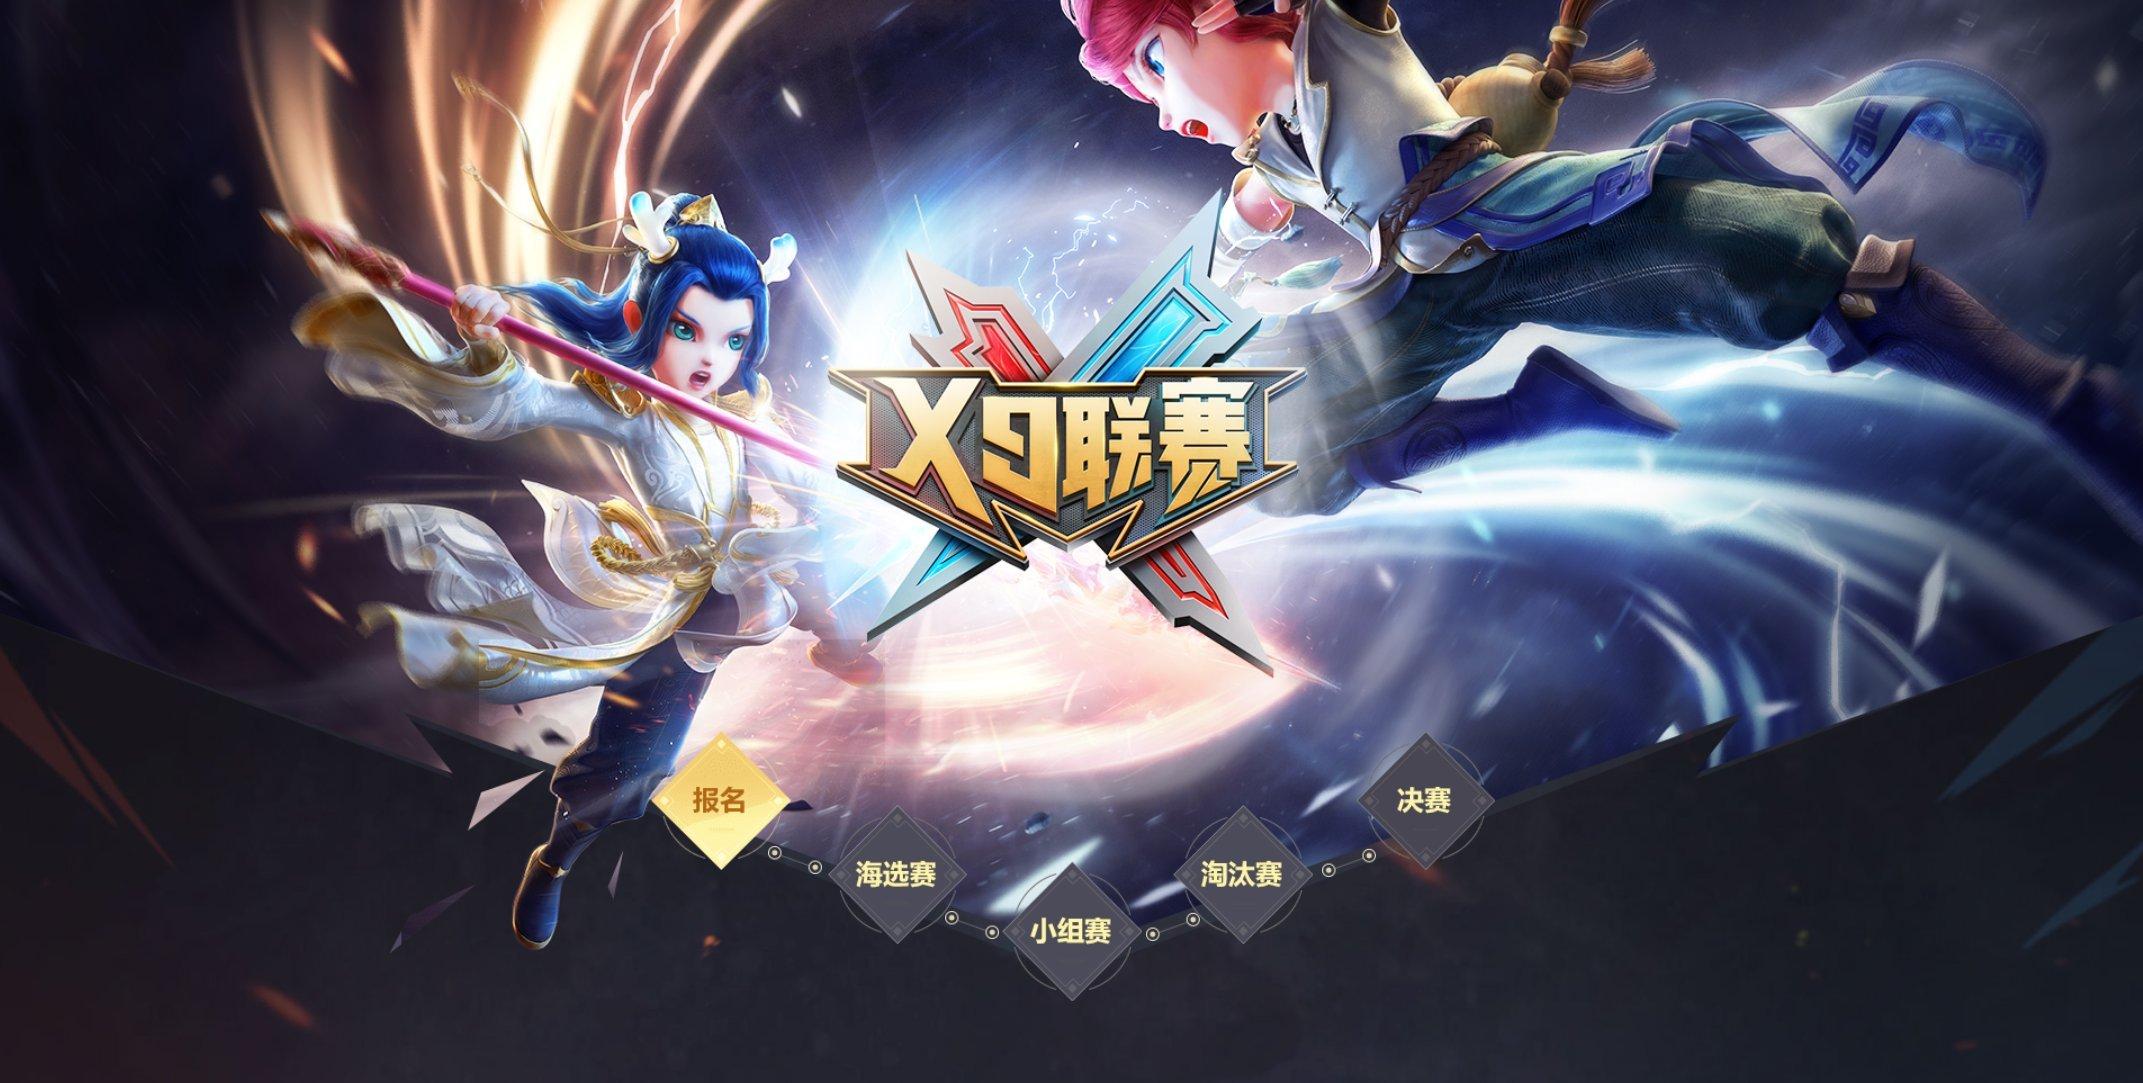 英雄争霸,锋芒初露,《梦幻西游》手游第20届X9联赛海选赛今日结束!